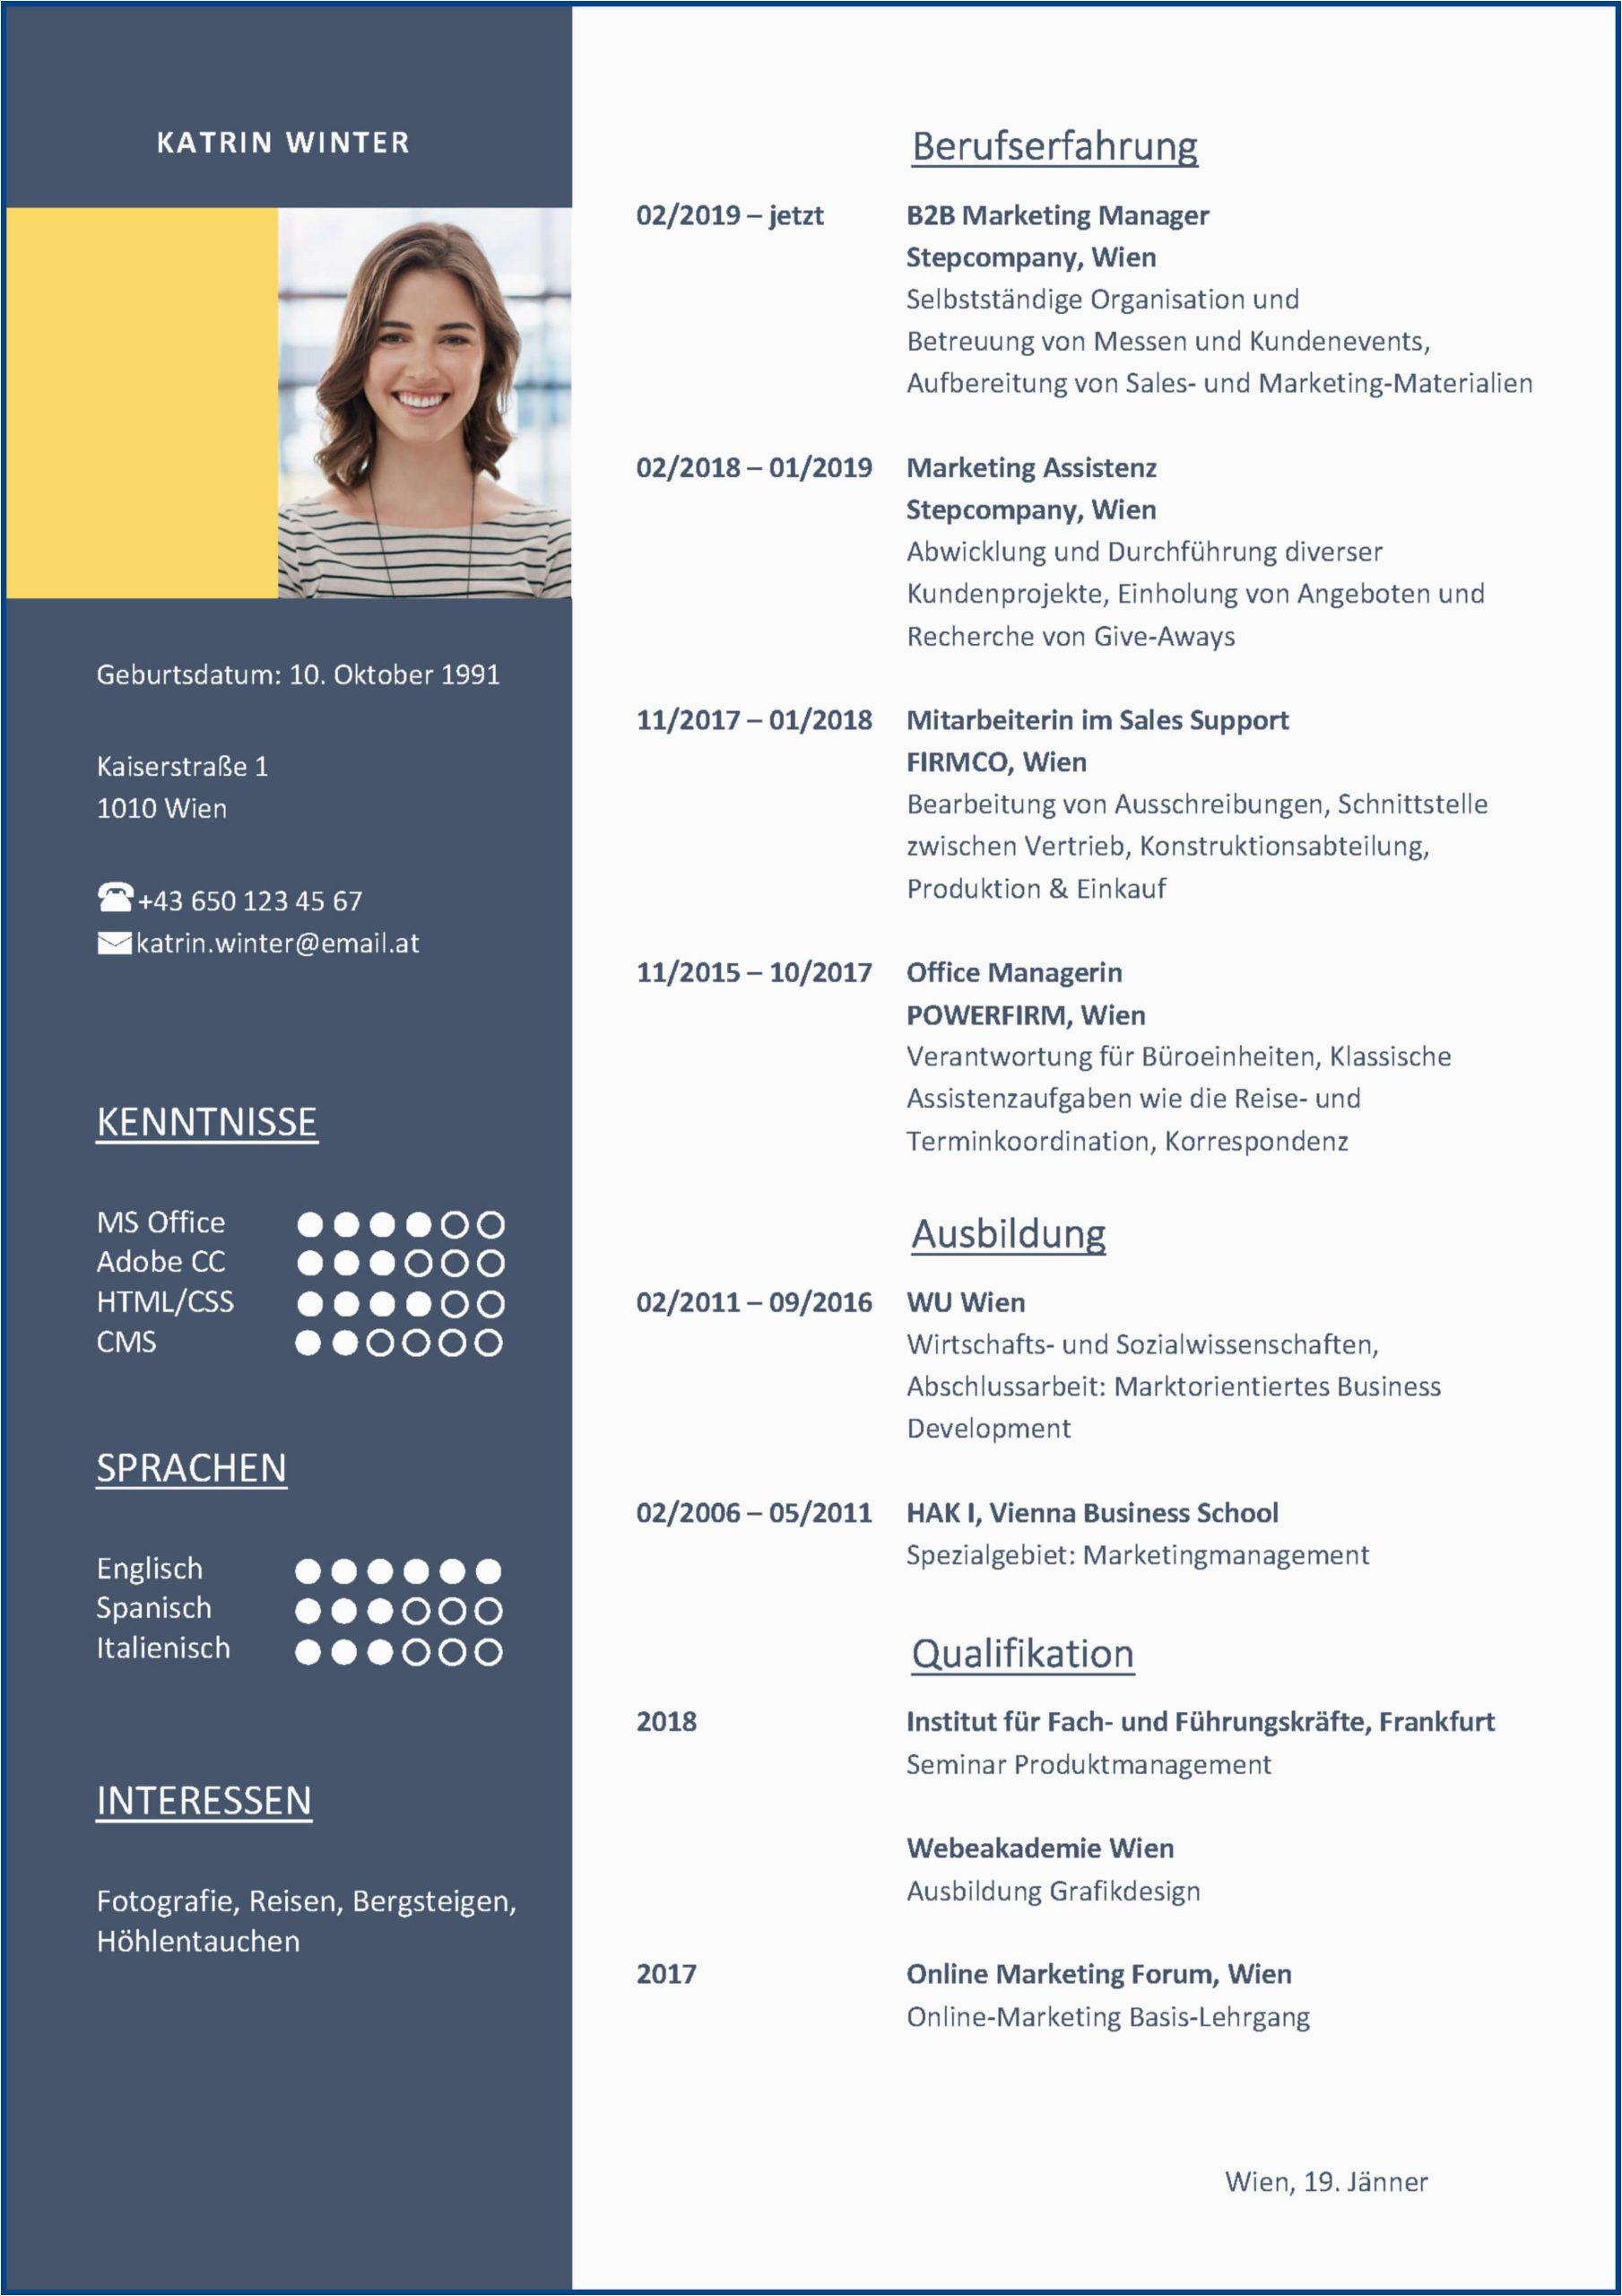 Kreativer Lebenslauf Deutsch in 2020 Vorlage lebenslauf